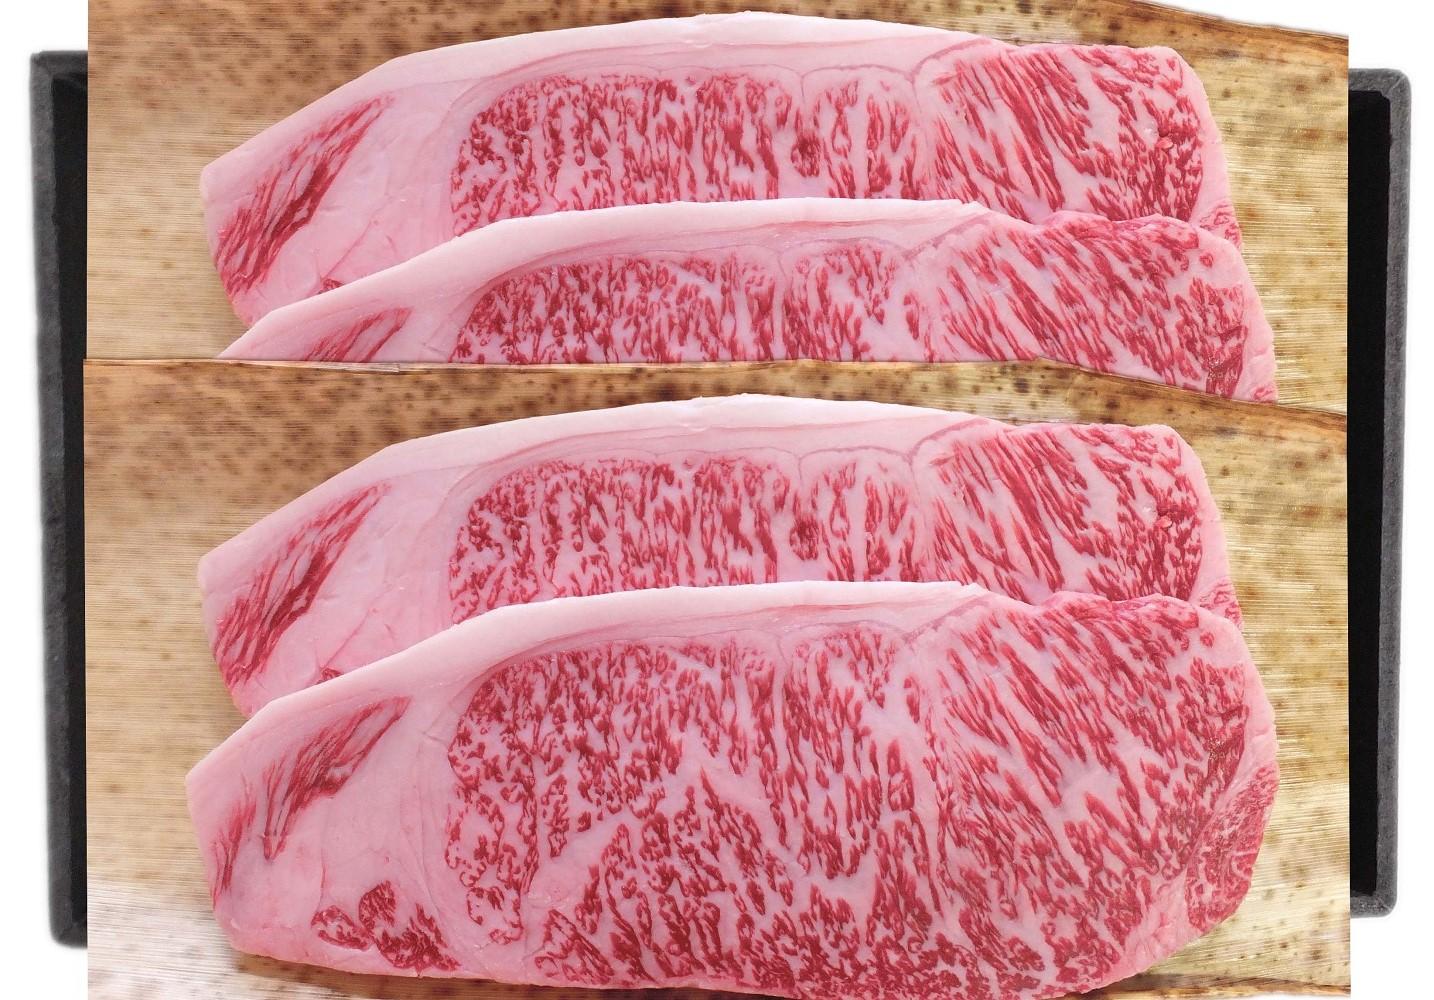 【ふるさと納税】B-0032 サーロインステーキ用山形牛(ひがしね産)